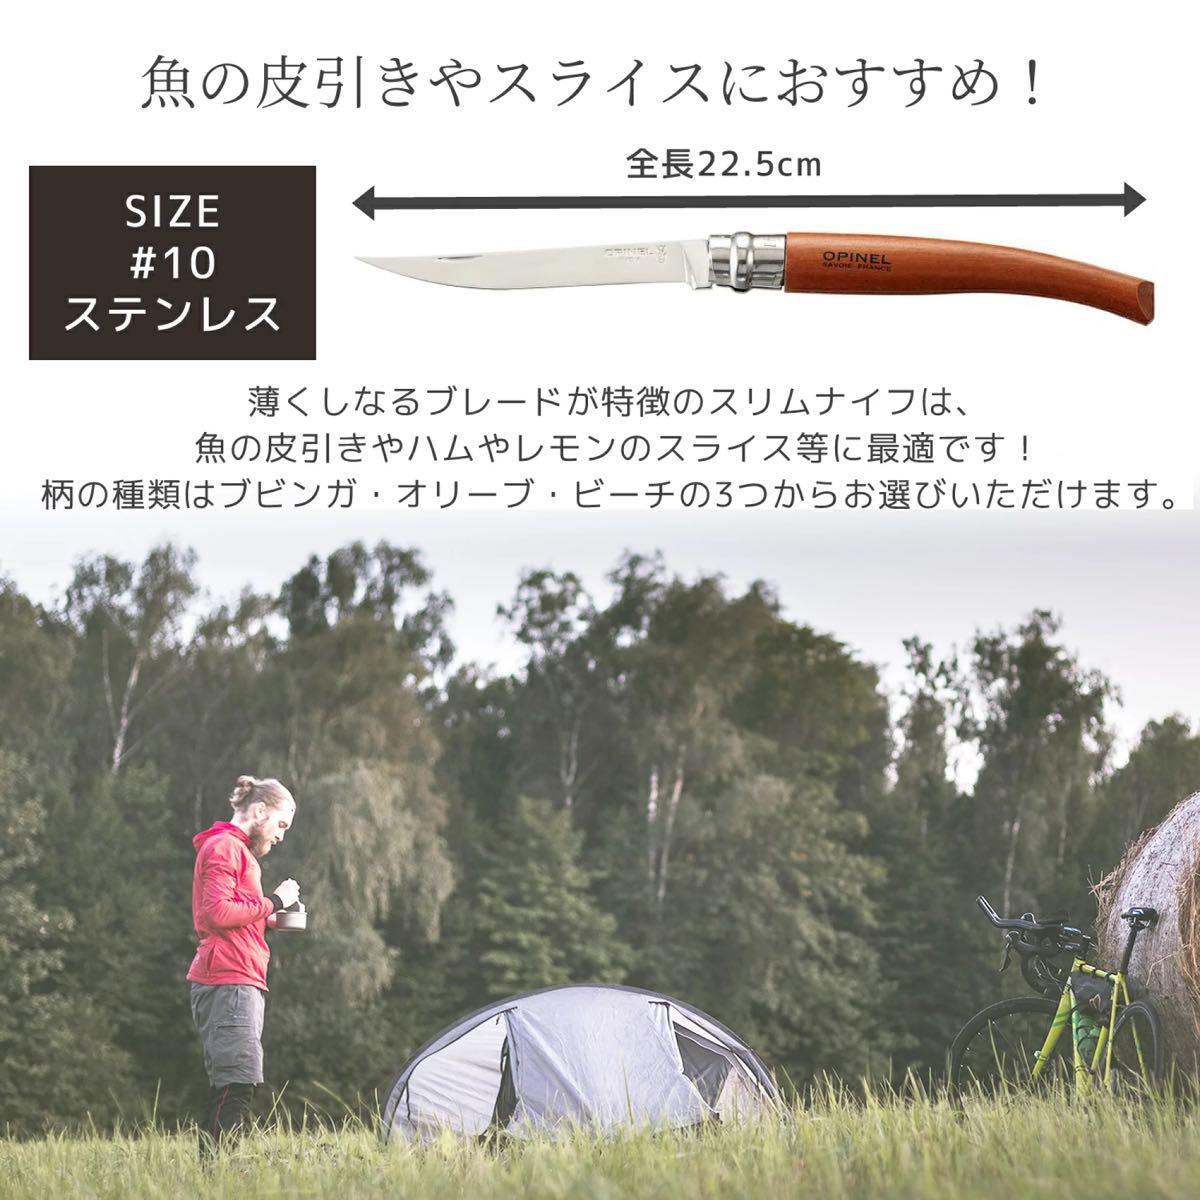 オピネル スリムナイフ ビーチ #10 10cm  新品 ソロキャンプにオススメ OPINEL